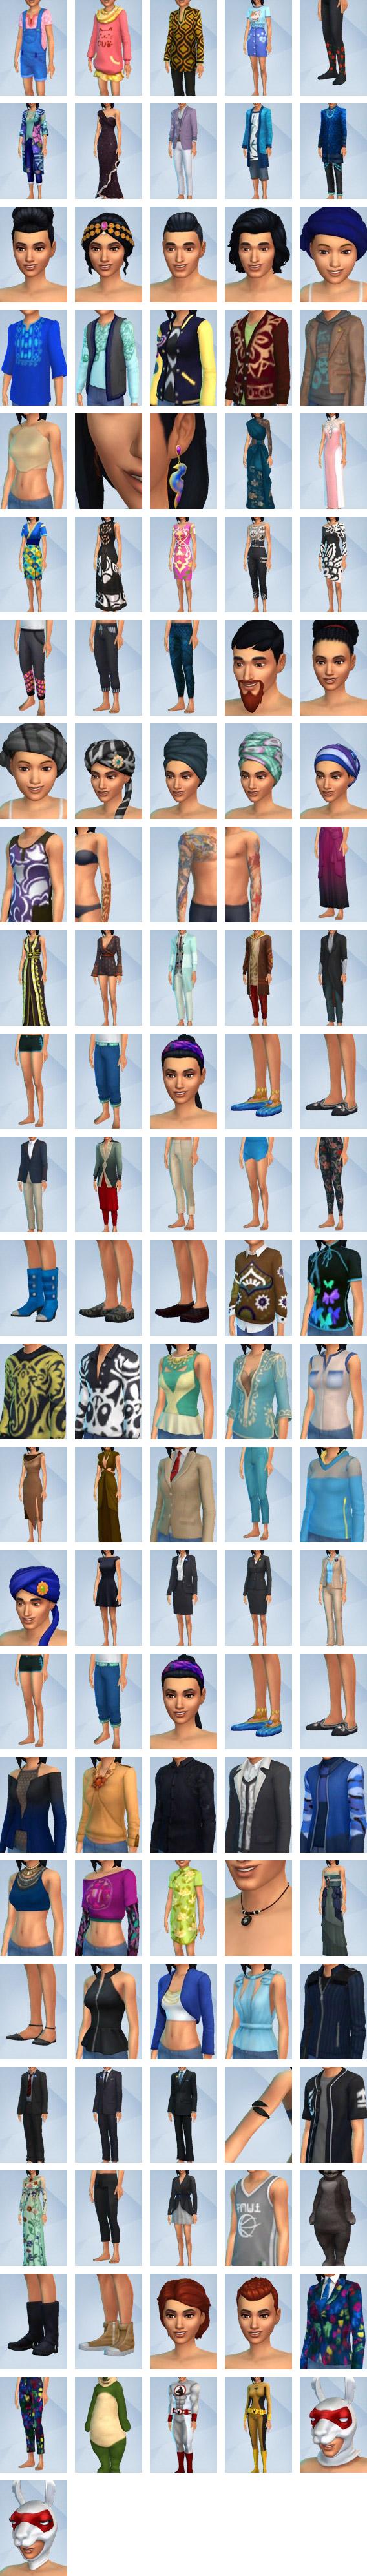 The Sims 4 City Living CAS items